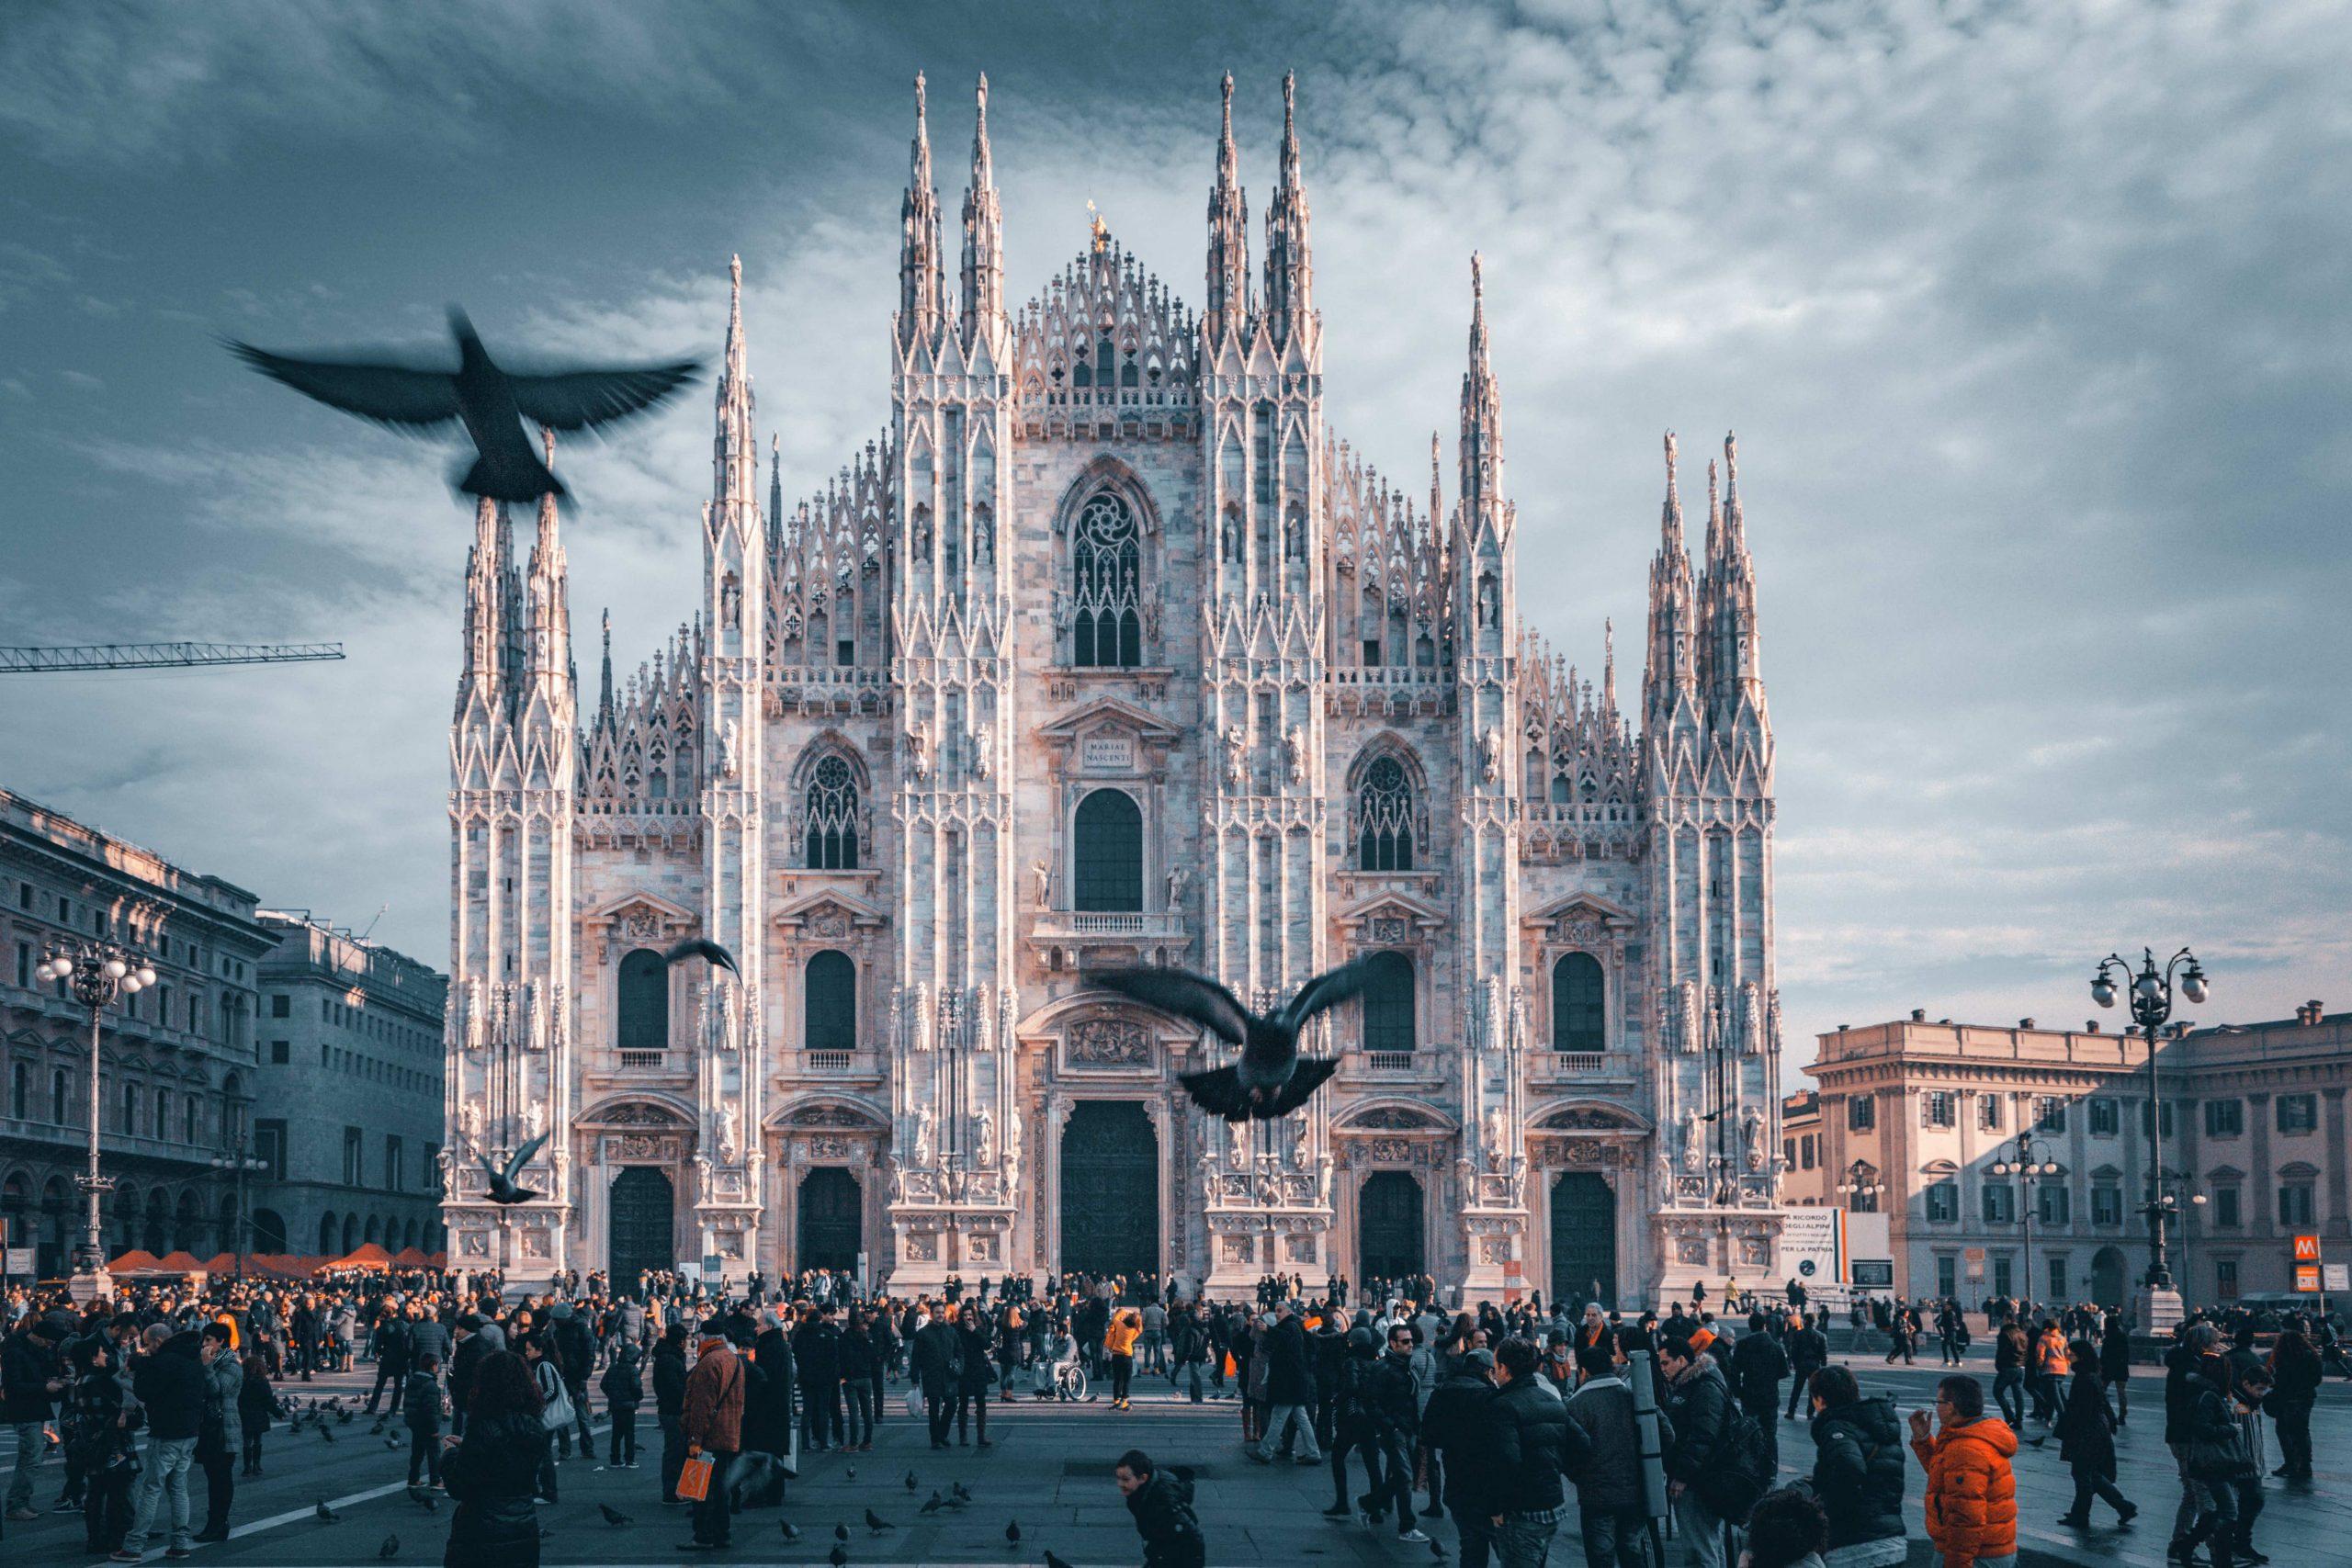 Il prossimo destino di Milano? Governare i flussi